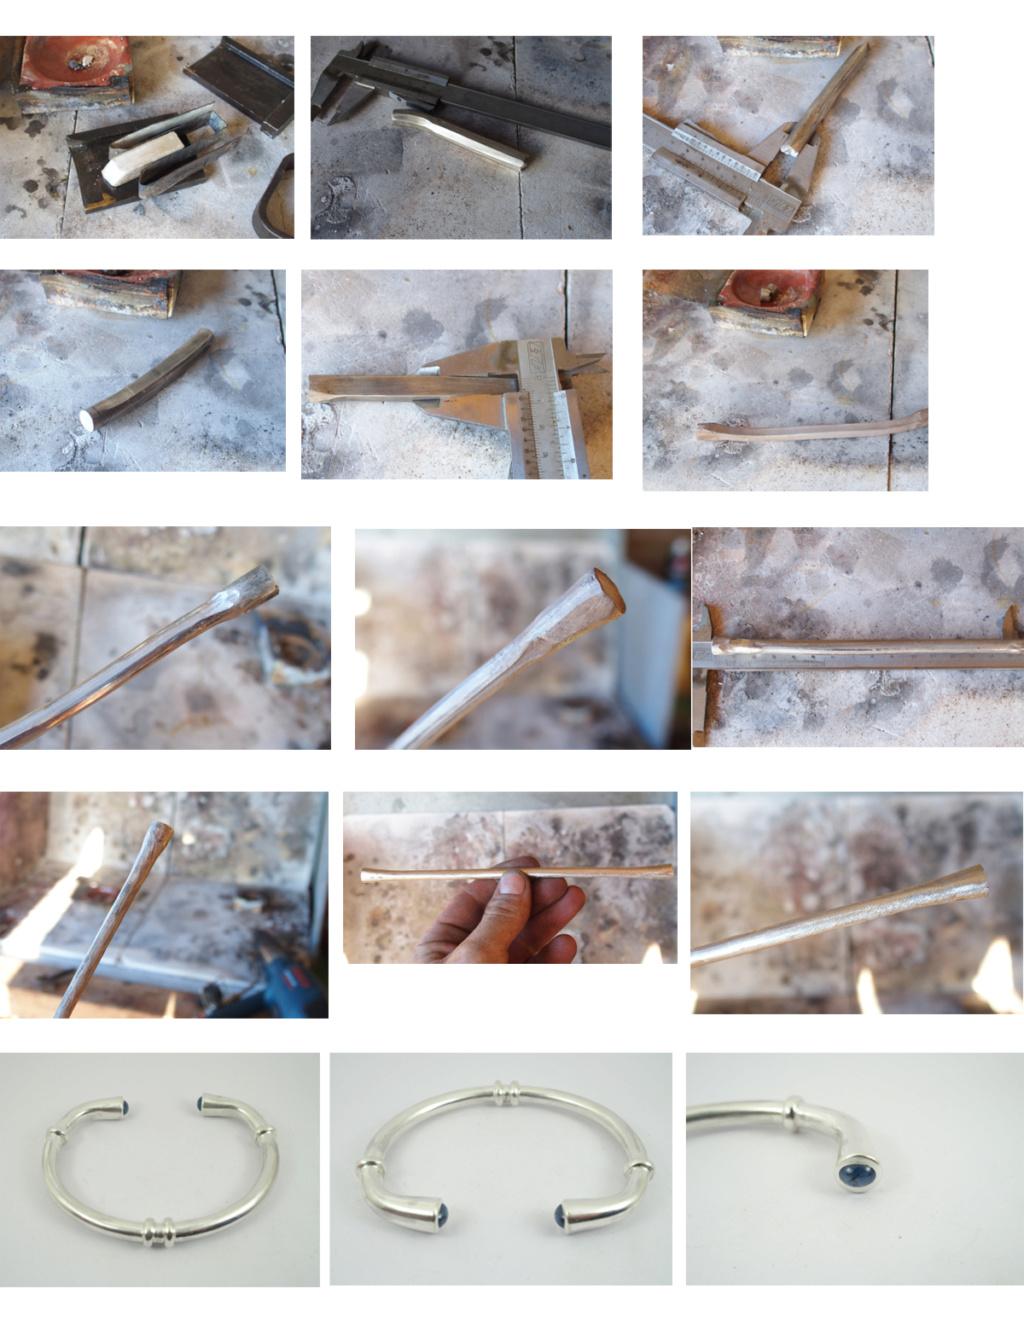 Vidéo sur la fabrication d'un bracelet ciselé Bra_l_10